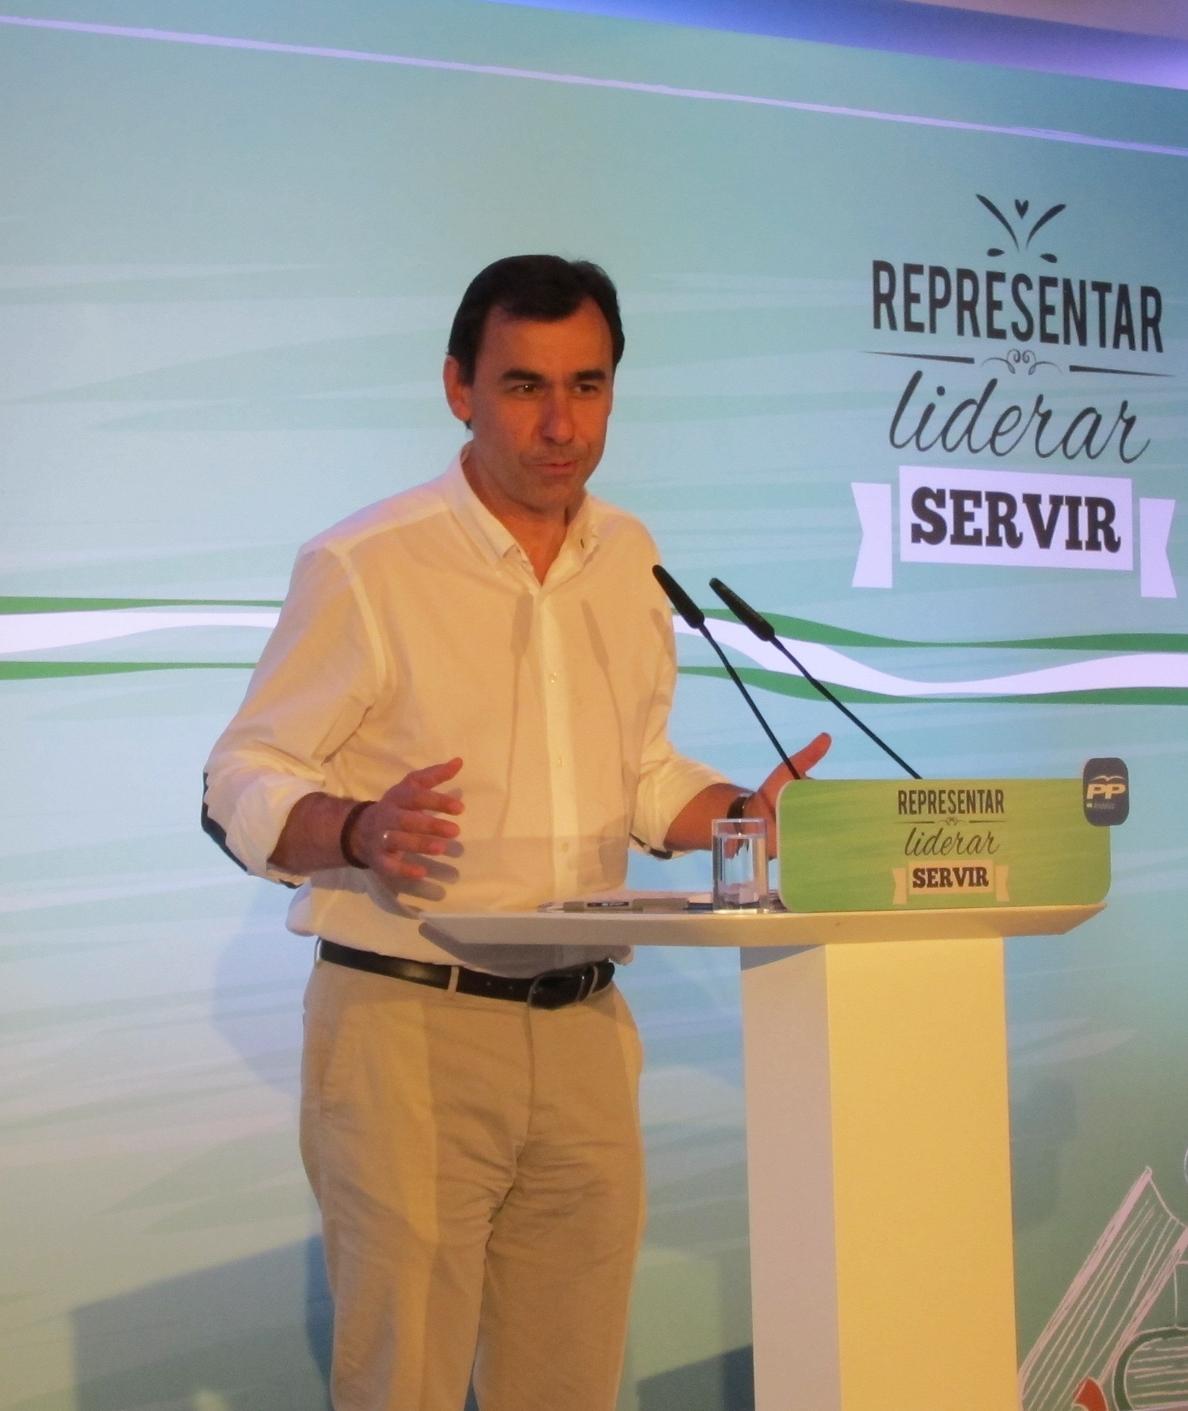 Martínez-Maíllo (PP): «Populismo y socialismo son dos caras de una moneda que lleva al sufrimiento a los más débiles»